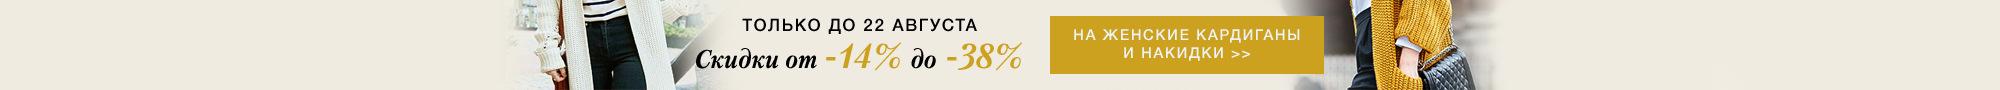 Скидки от -14% до -38% на Женские кардиганы и накидки